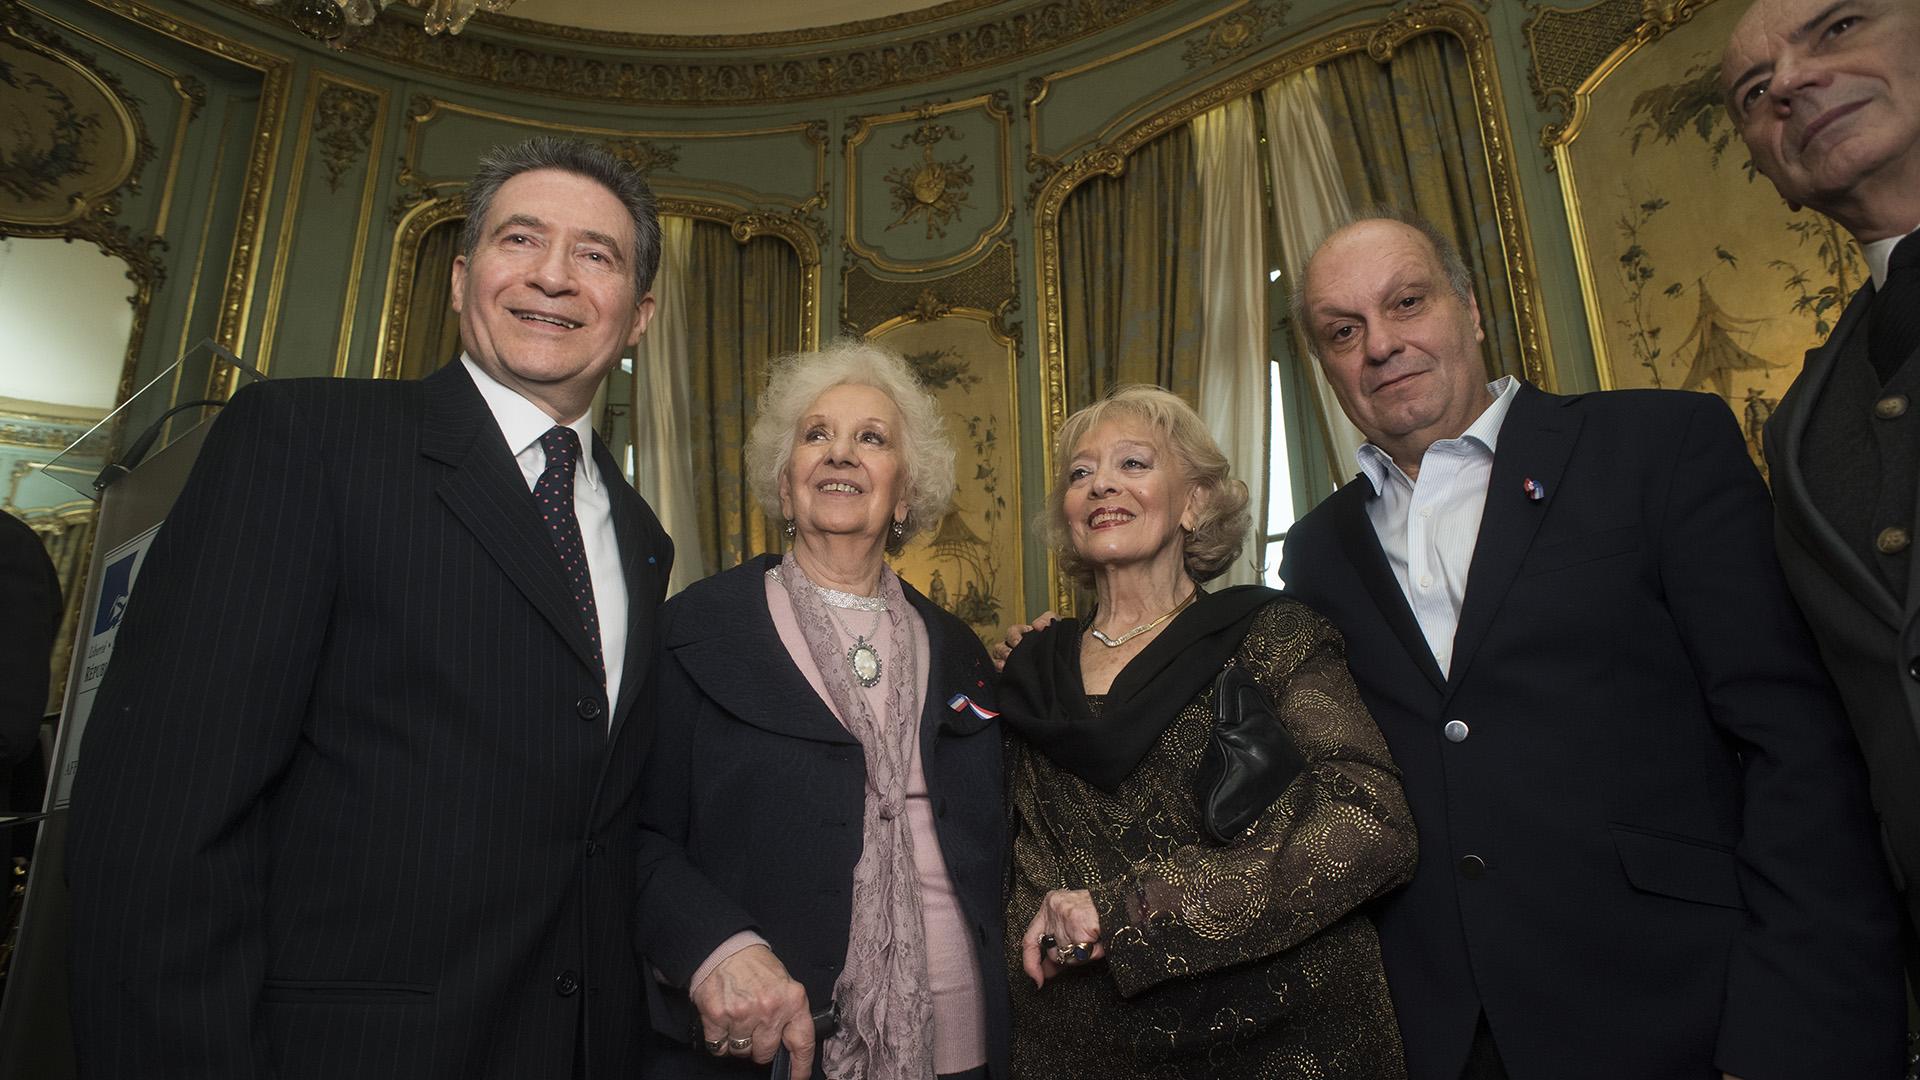 El embajador francés y su mujer junto a Estela de Carlotto, Hernán Lombardi y Jorge Telerman